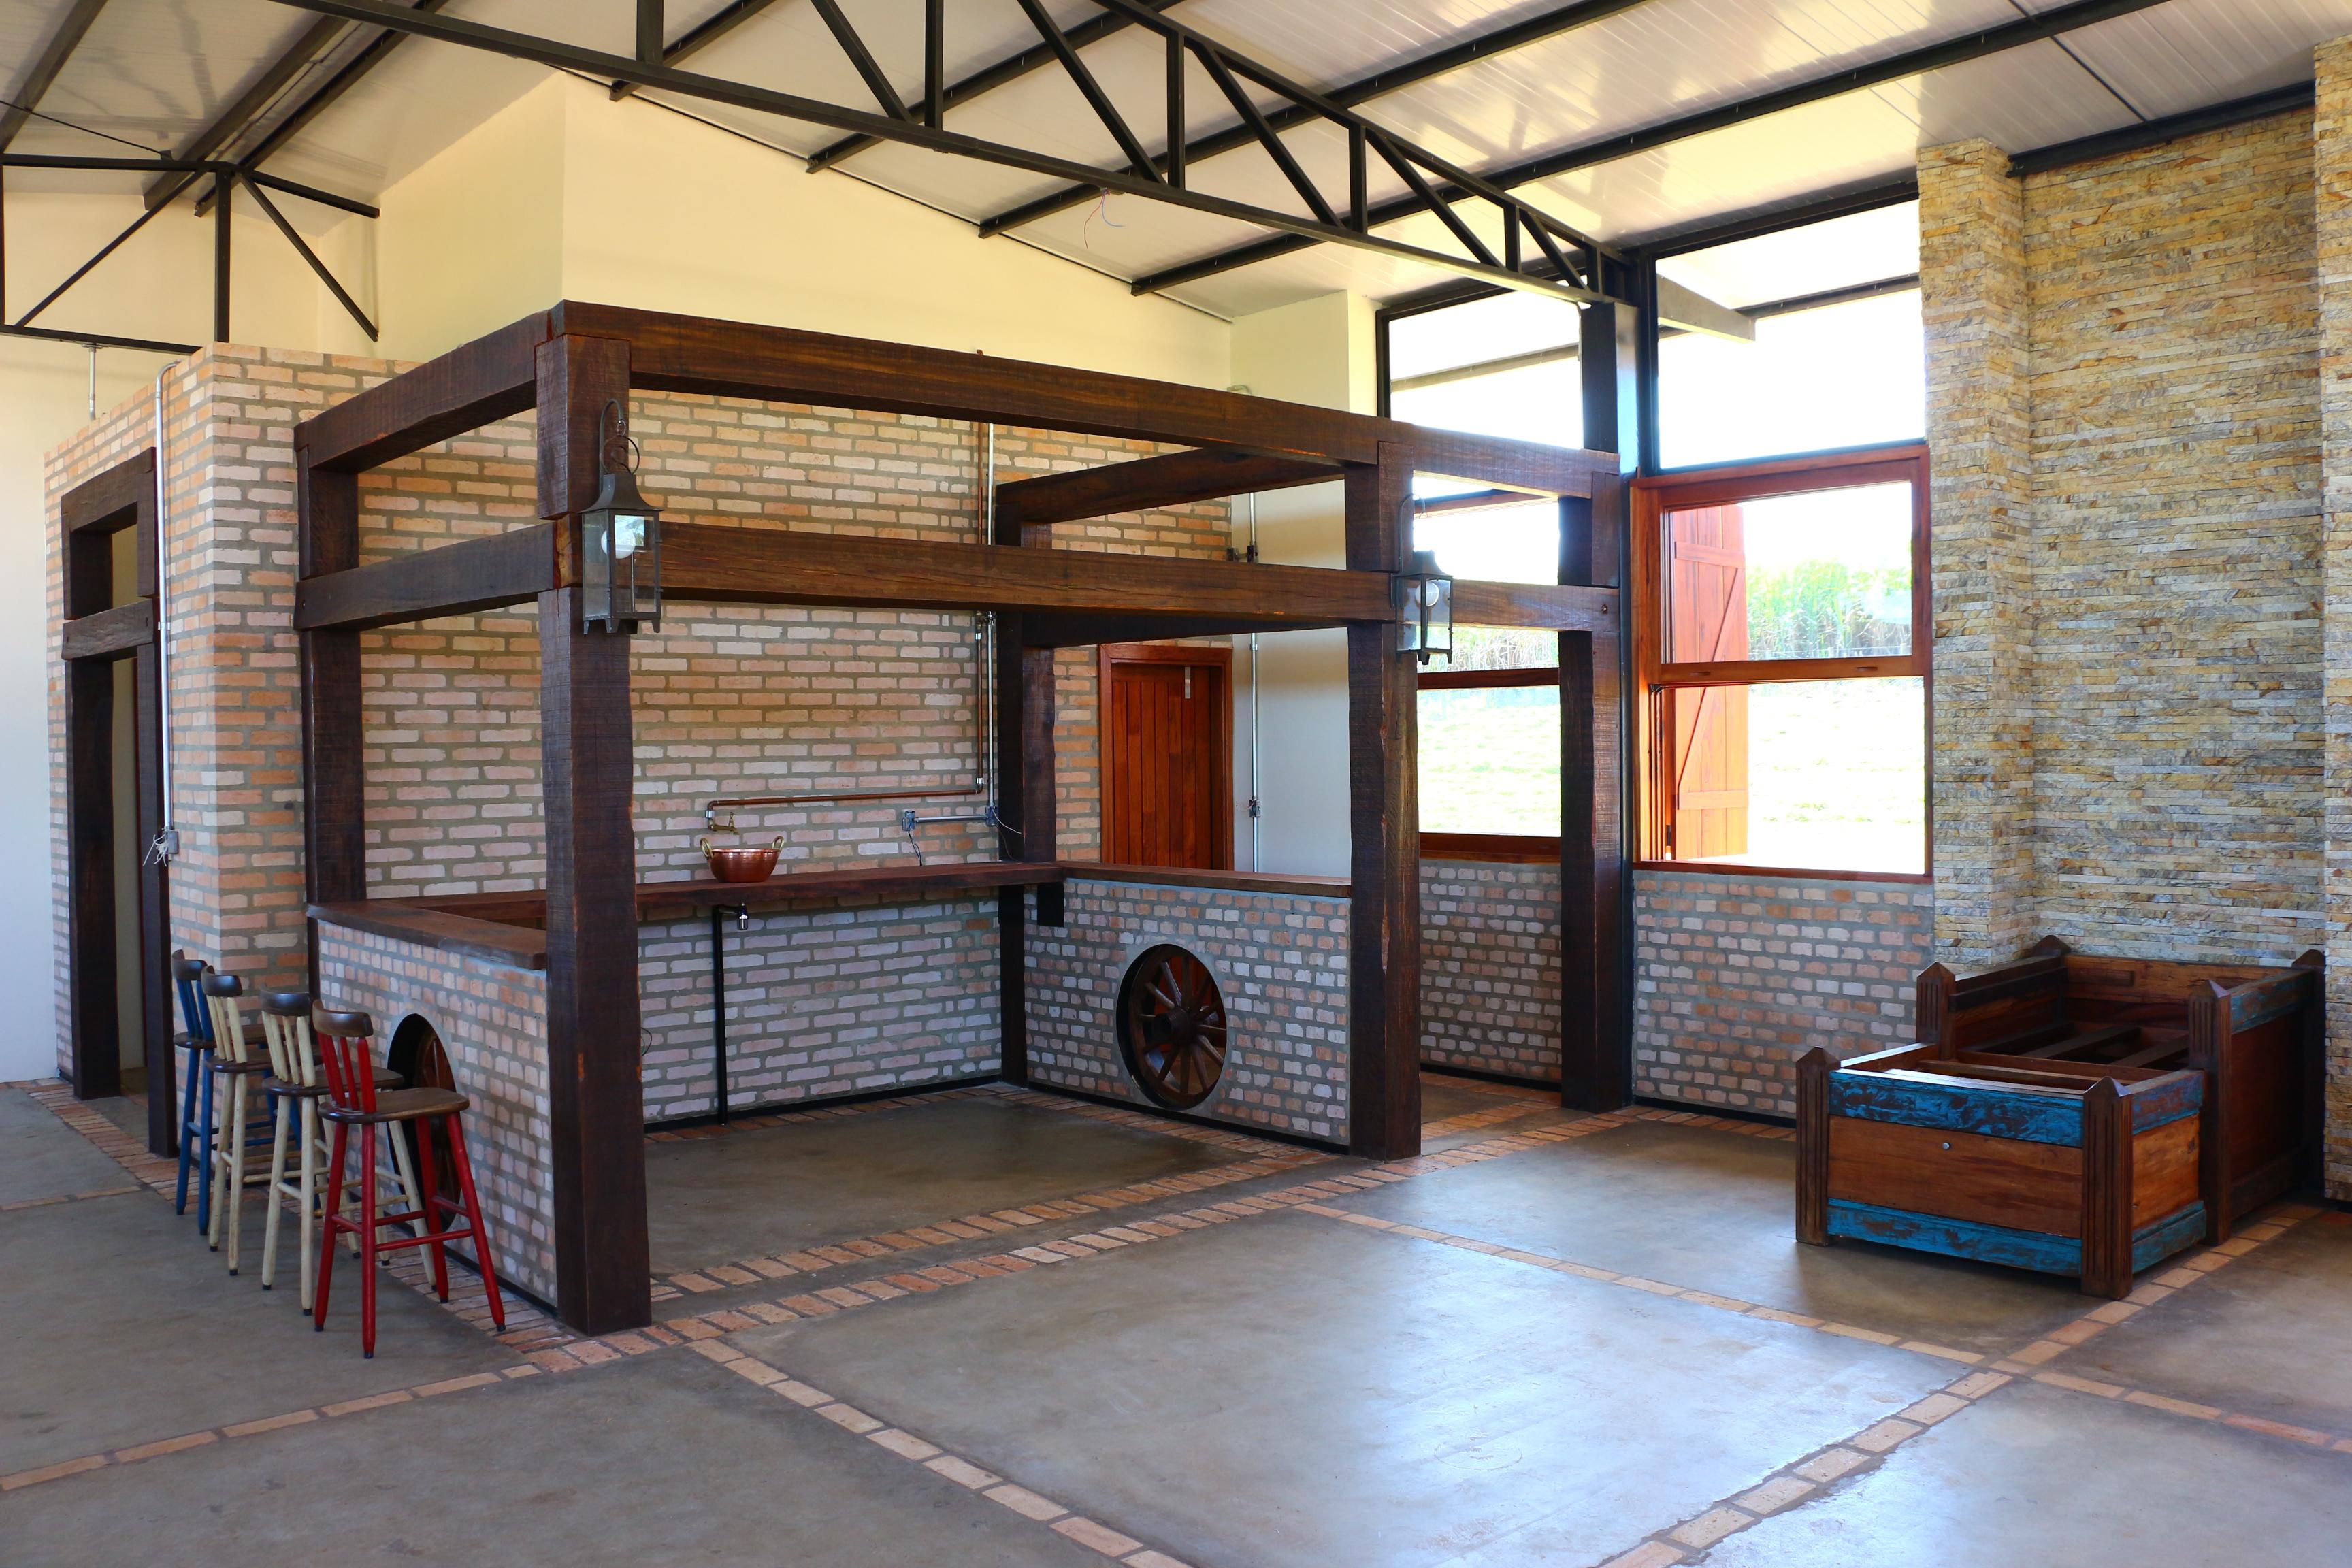 CASA GALPÃO (UM LOFT NO CAMPO) « TETO Arquitetura Sustentável e  #997532 3456x2304 Arquitetura Sustentavel Banheiro